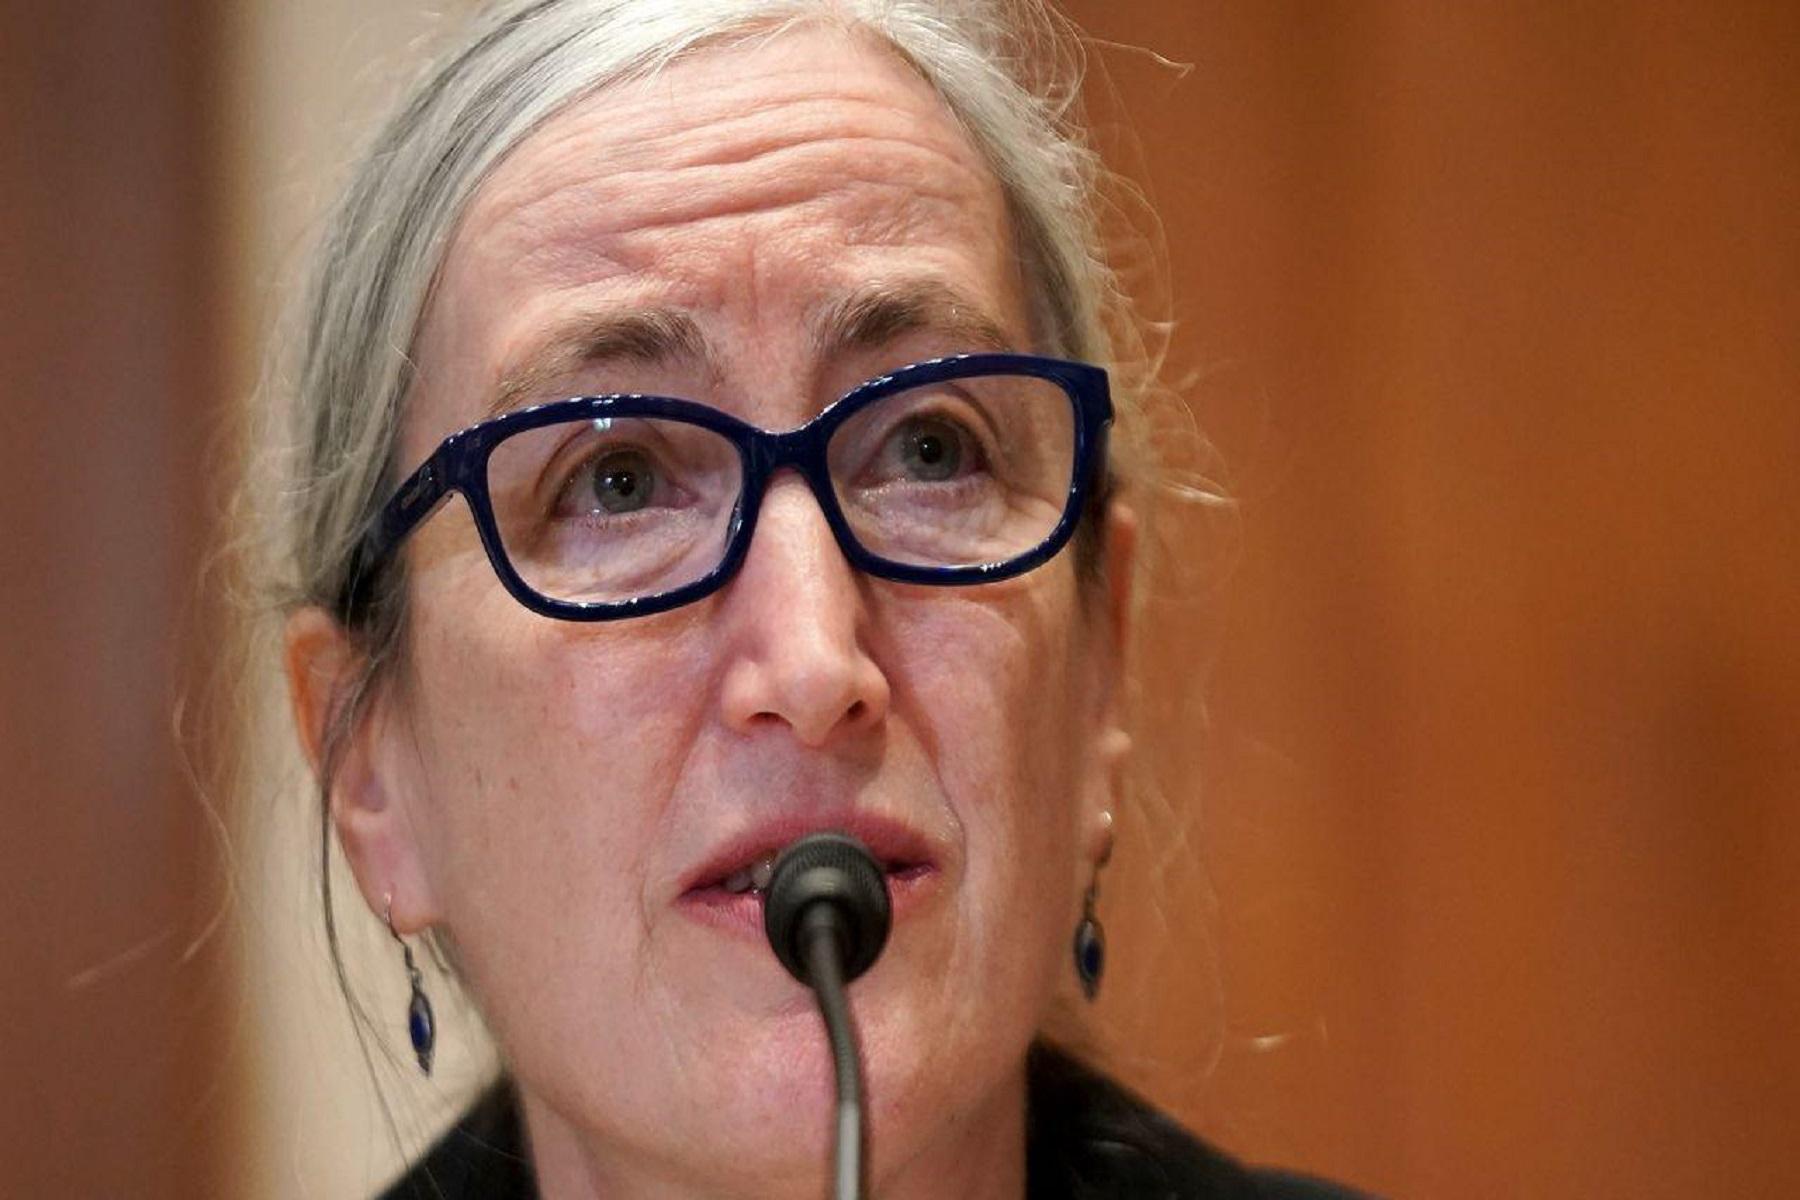 Δρ. Anne Schuchat: Οι ΗΠΑ δεν είναι έτοιμες για την επόμενη πανδημία, προειδοποιεί κορυφαία αξιωματούχος των CDC